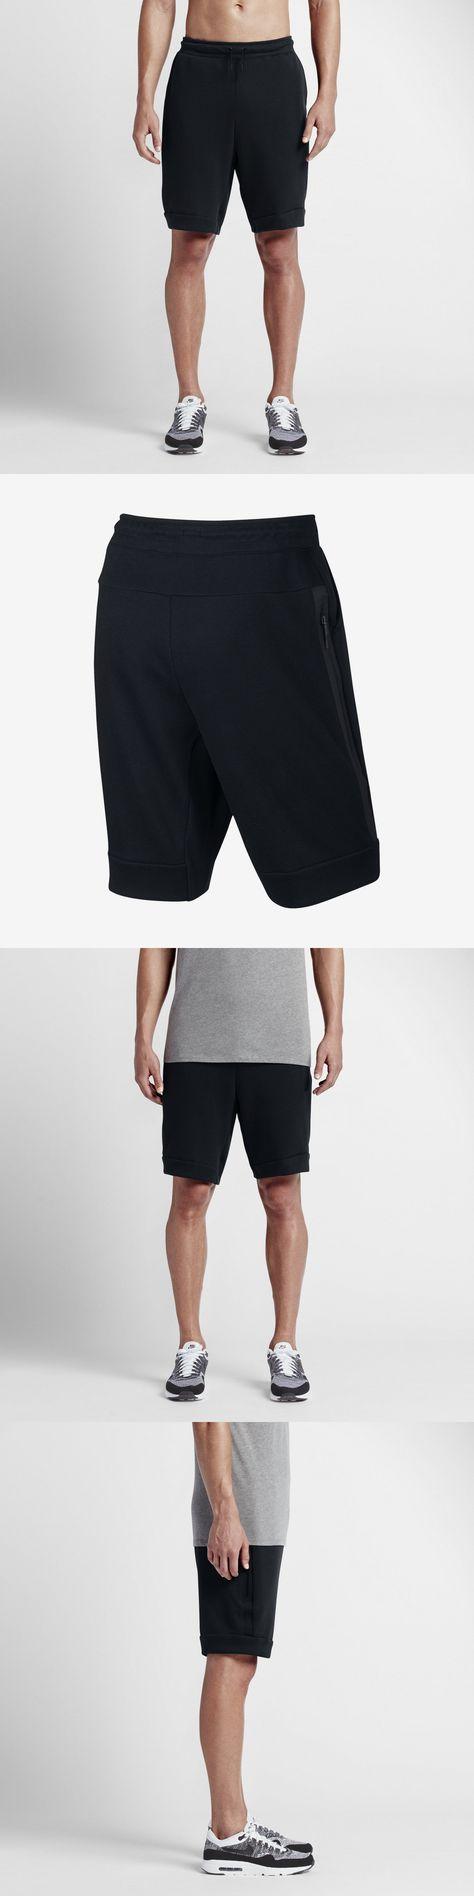 Nike Men's Tech Fleece Shorts 805160-010 Black; Size XXL